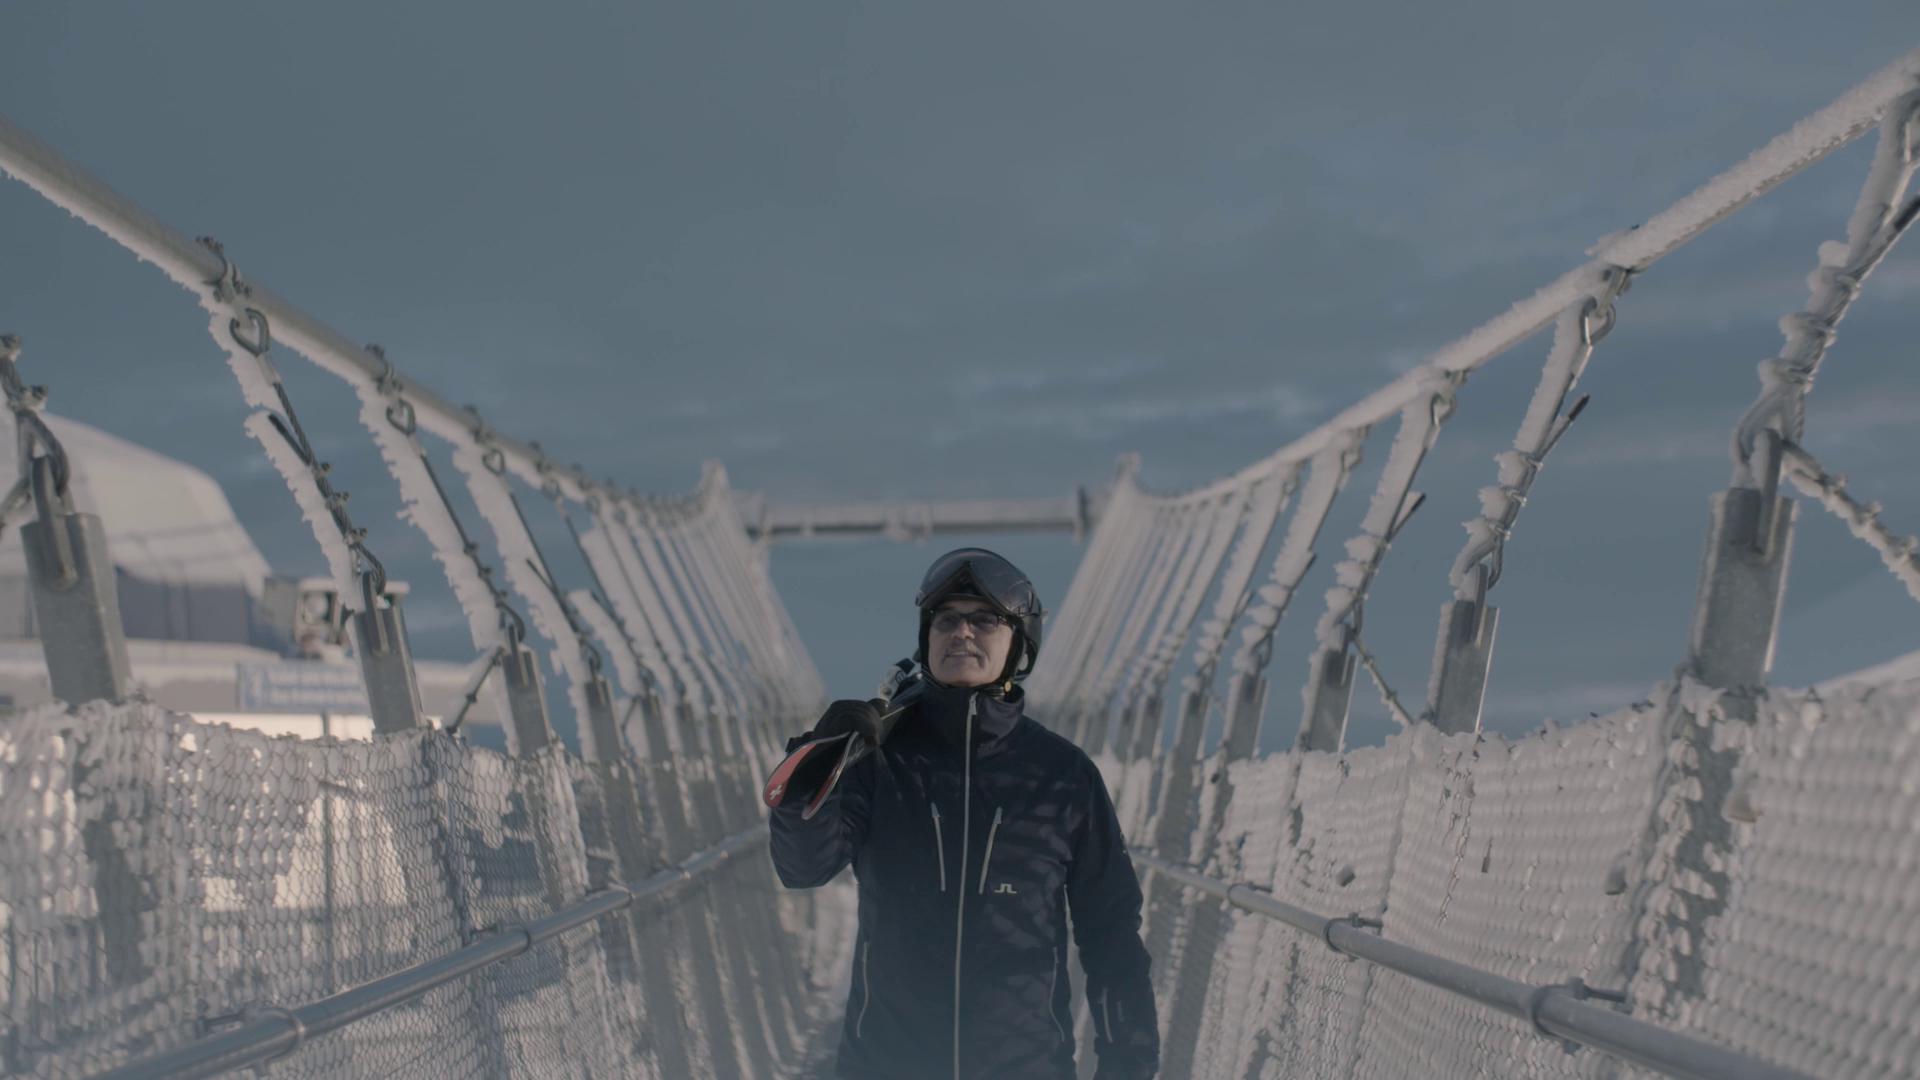 """""""Il primo paio di sci digitali al mondo"""" dice Thomas Koller parlando degli sci """"five star""""."""